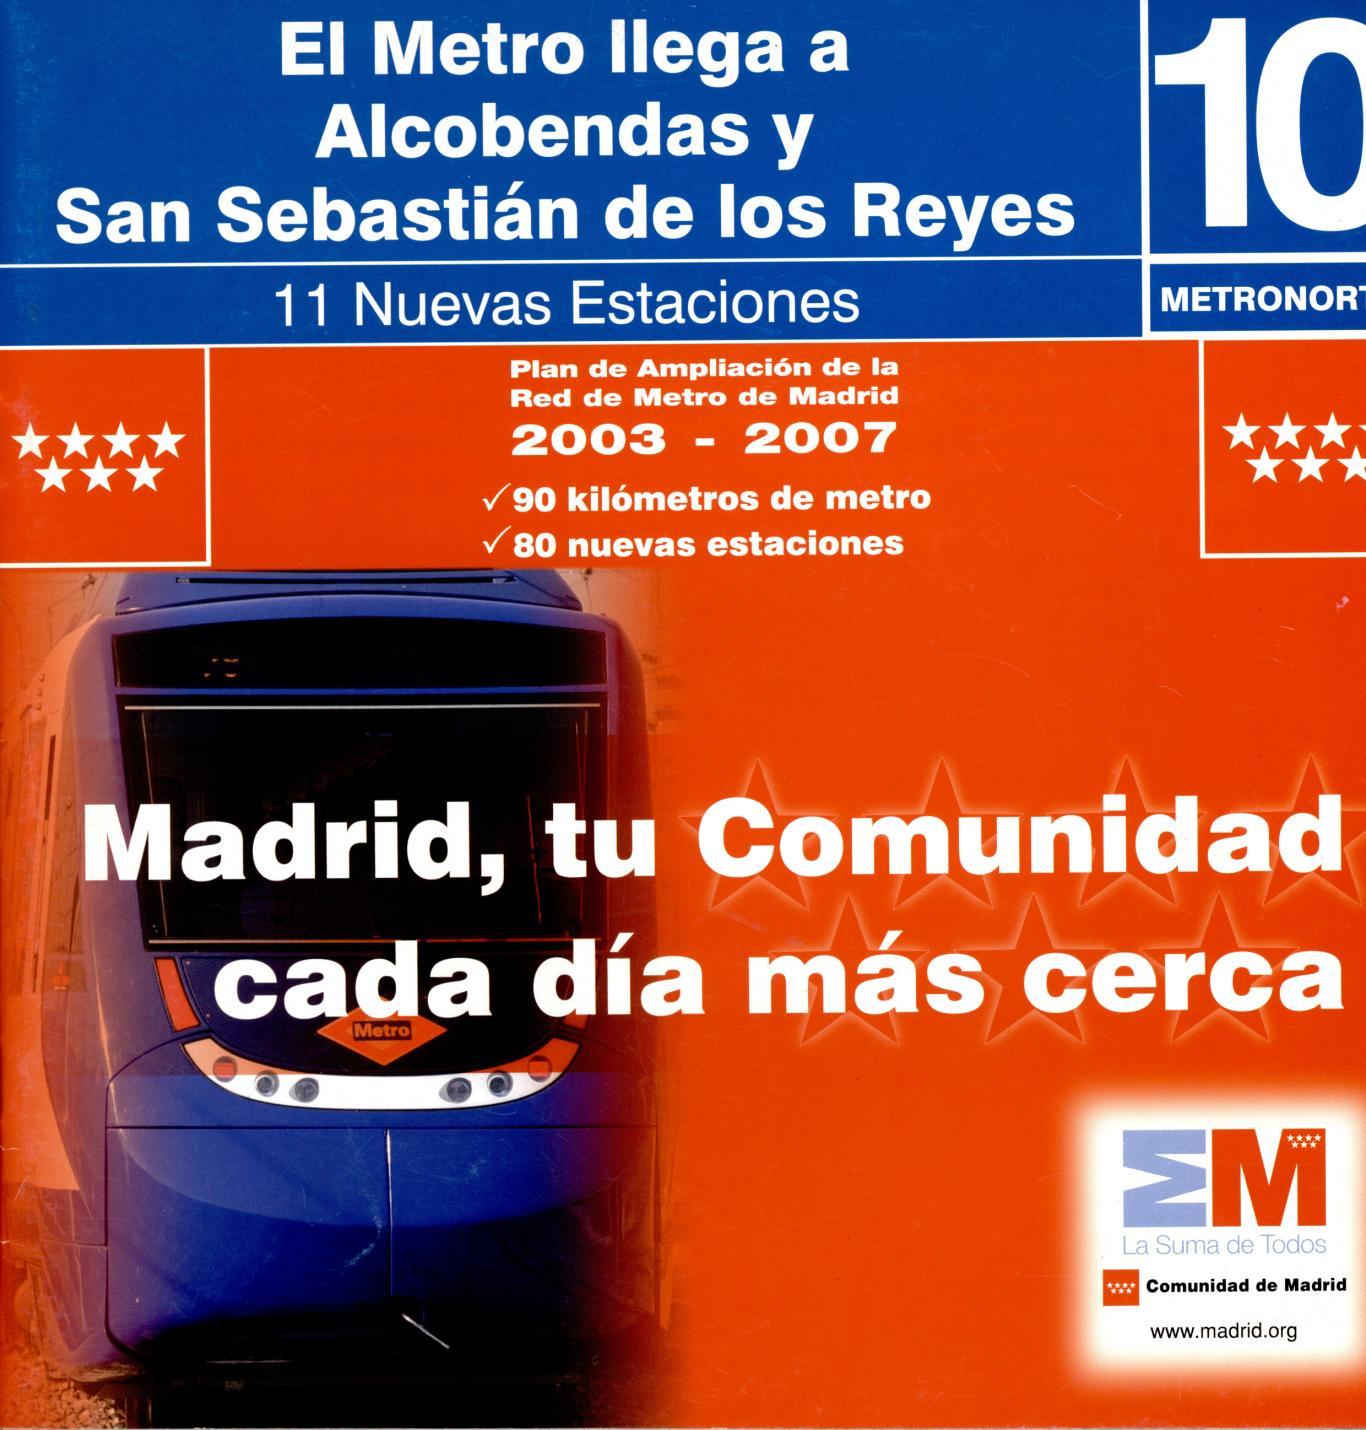 Carátula el metro llega a Alcobendas